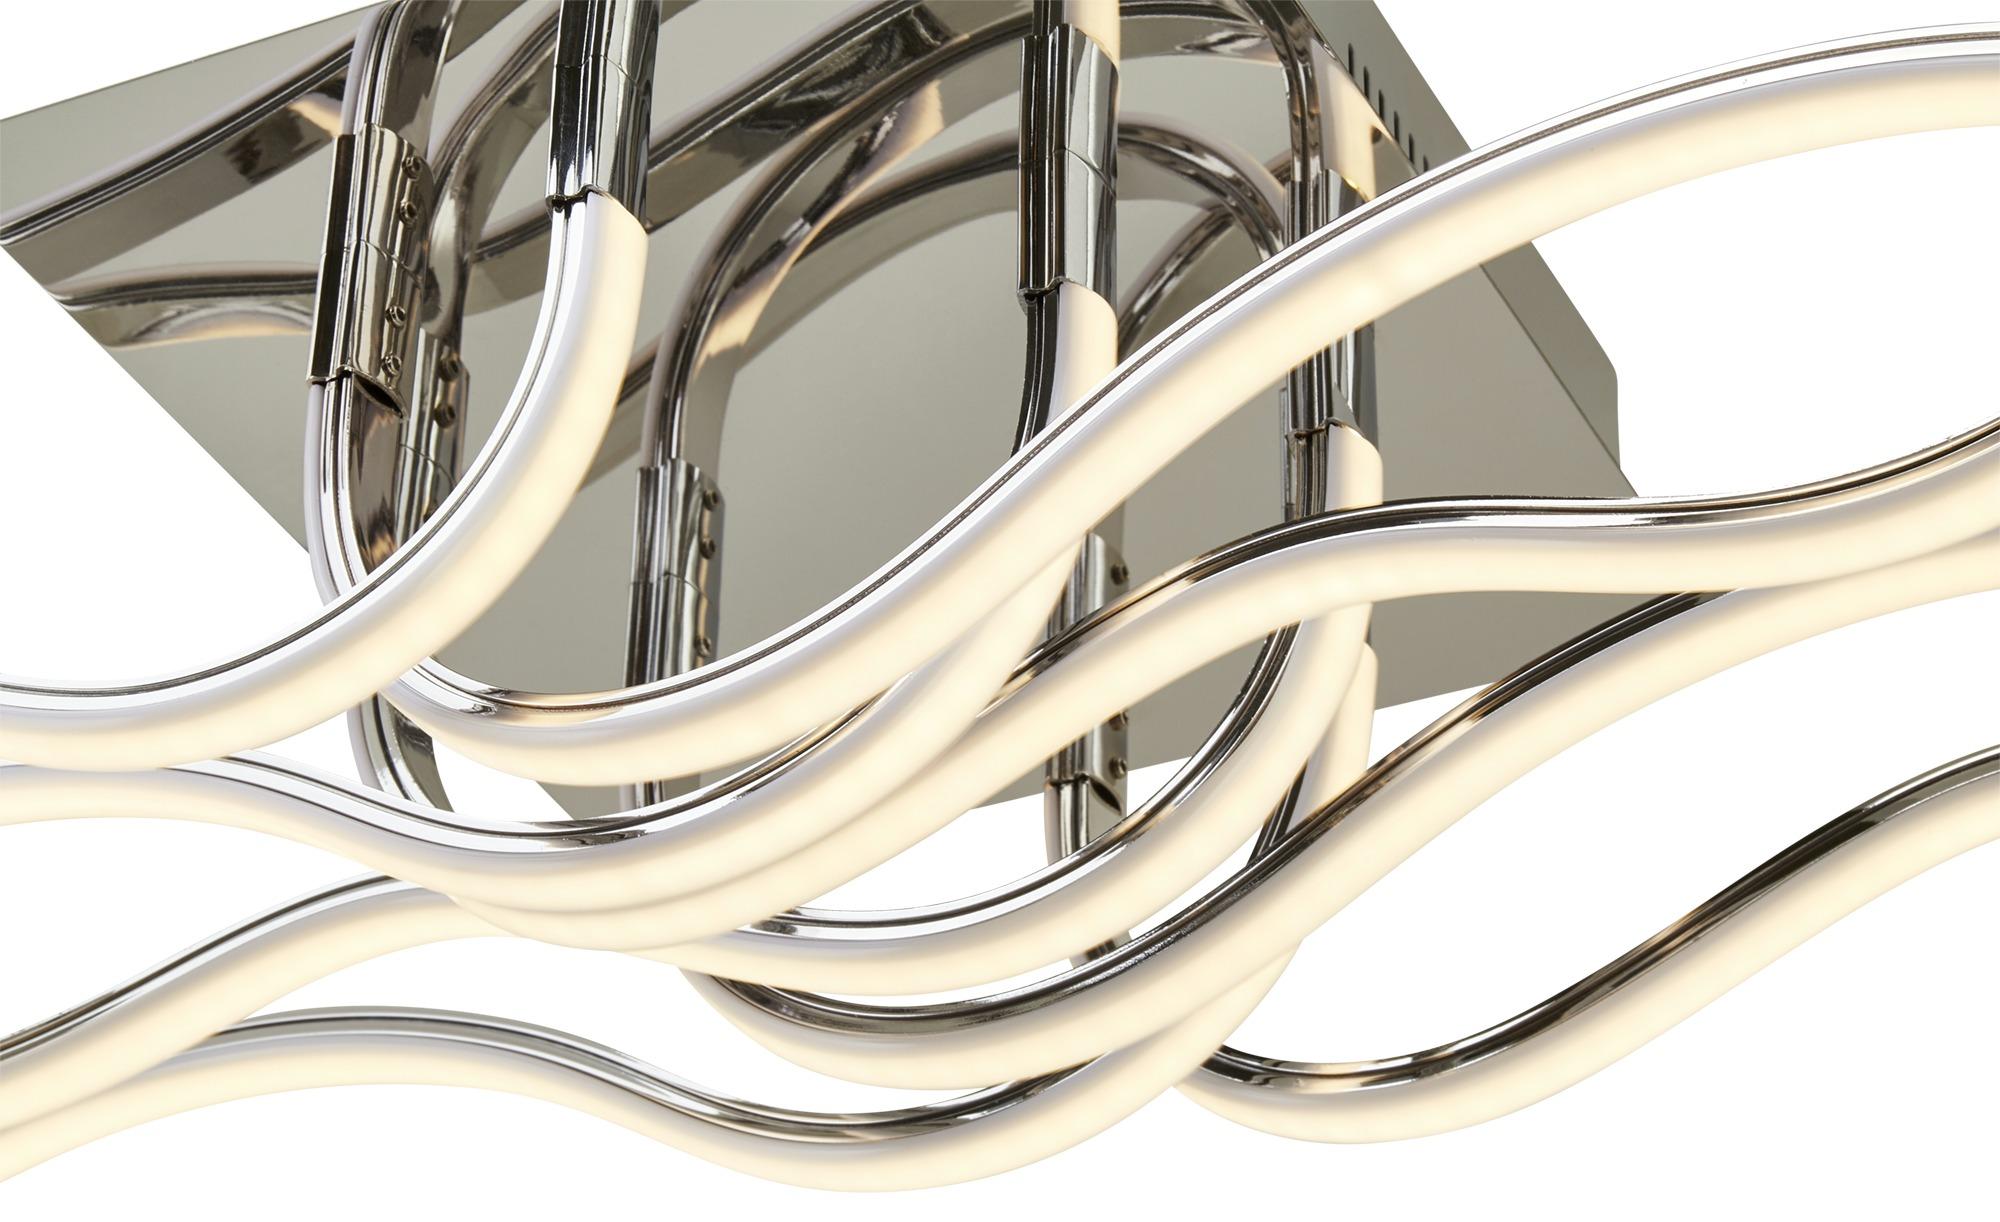 Meisterleuchten LED-Deckenleuchte, Chrom, Wellenform ¦ silber ¦ Maße (cm): B: 25 H: 16,5 Lampen & Leuchten > Innenleuchten > Deckenleuchten - Höffner